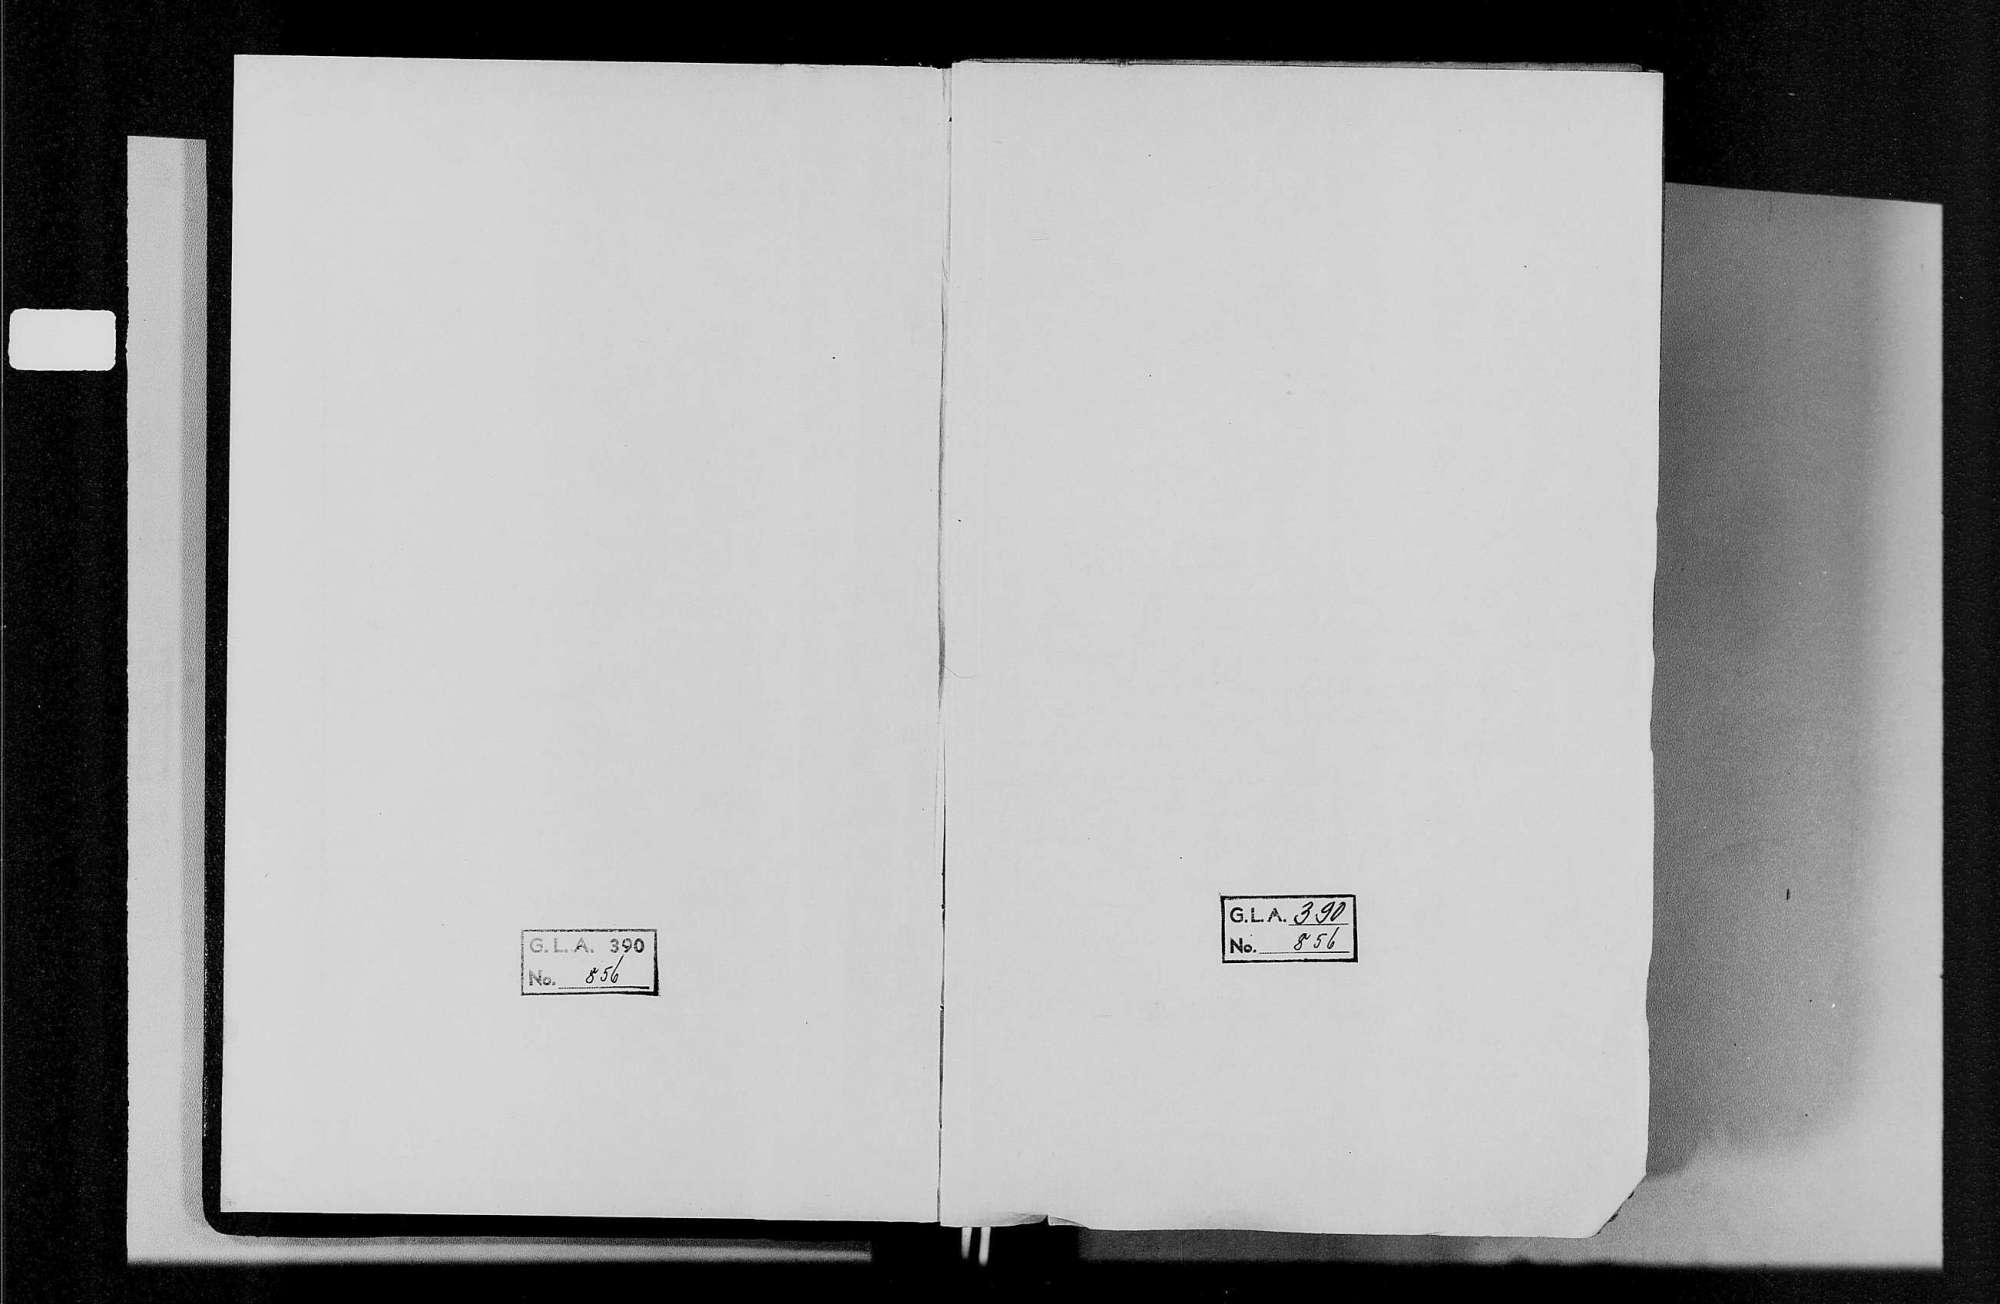 Bühl, katholische und israelitische Gemeinde: Sterbebuch 1850-1870, Bild 2